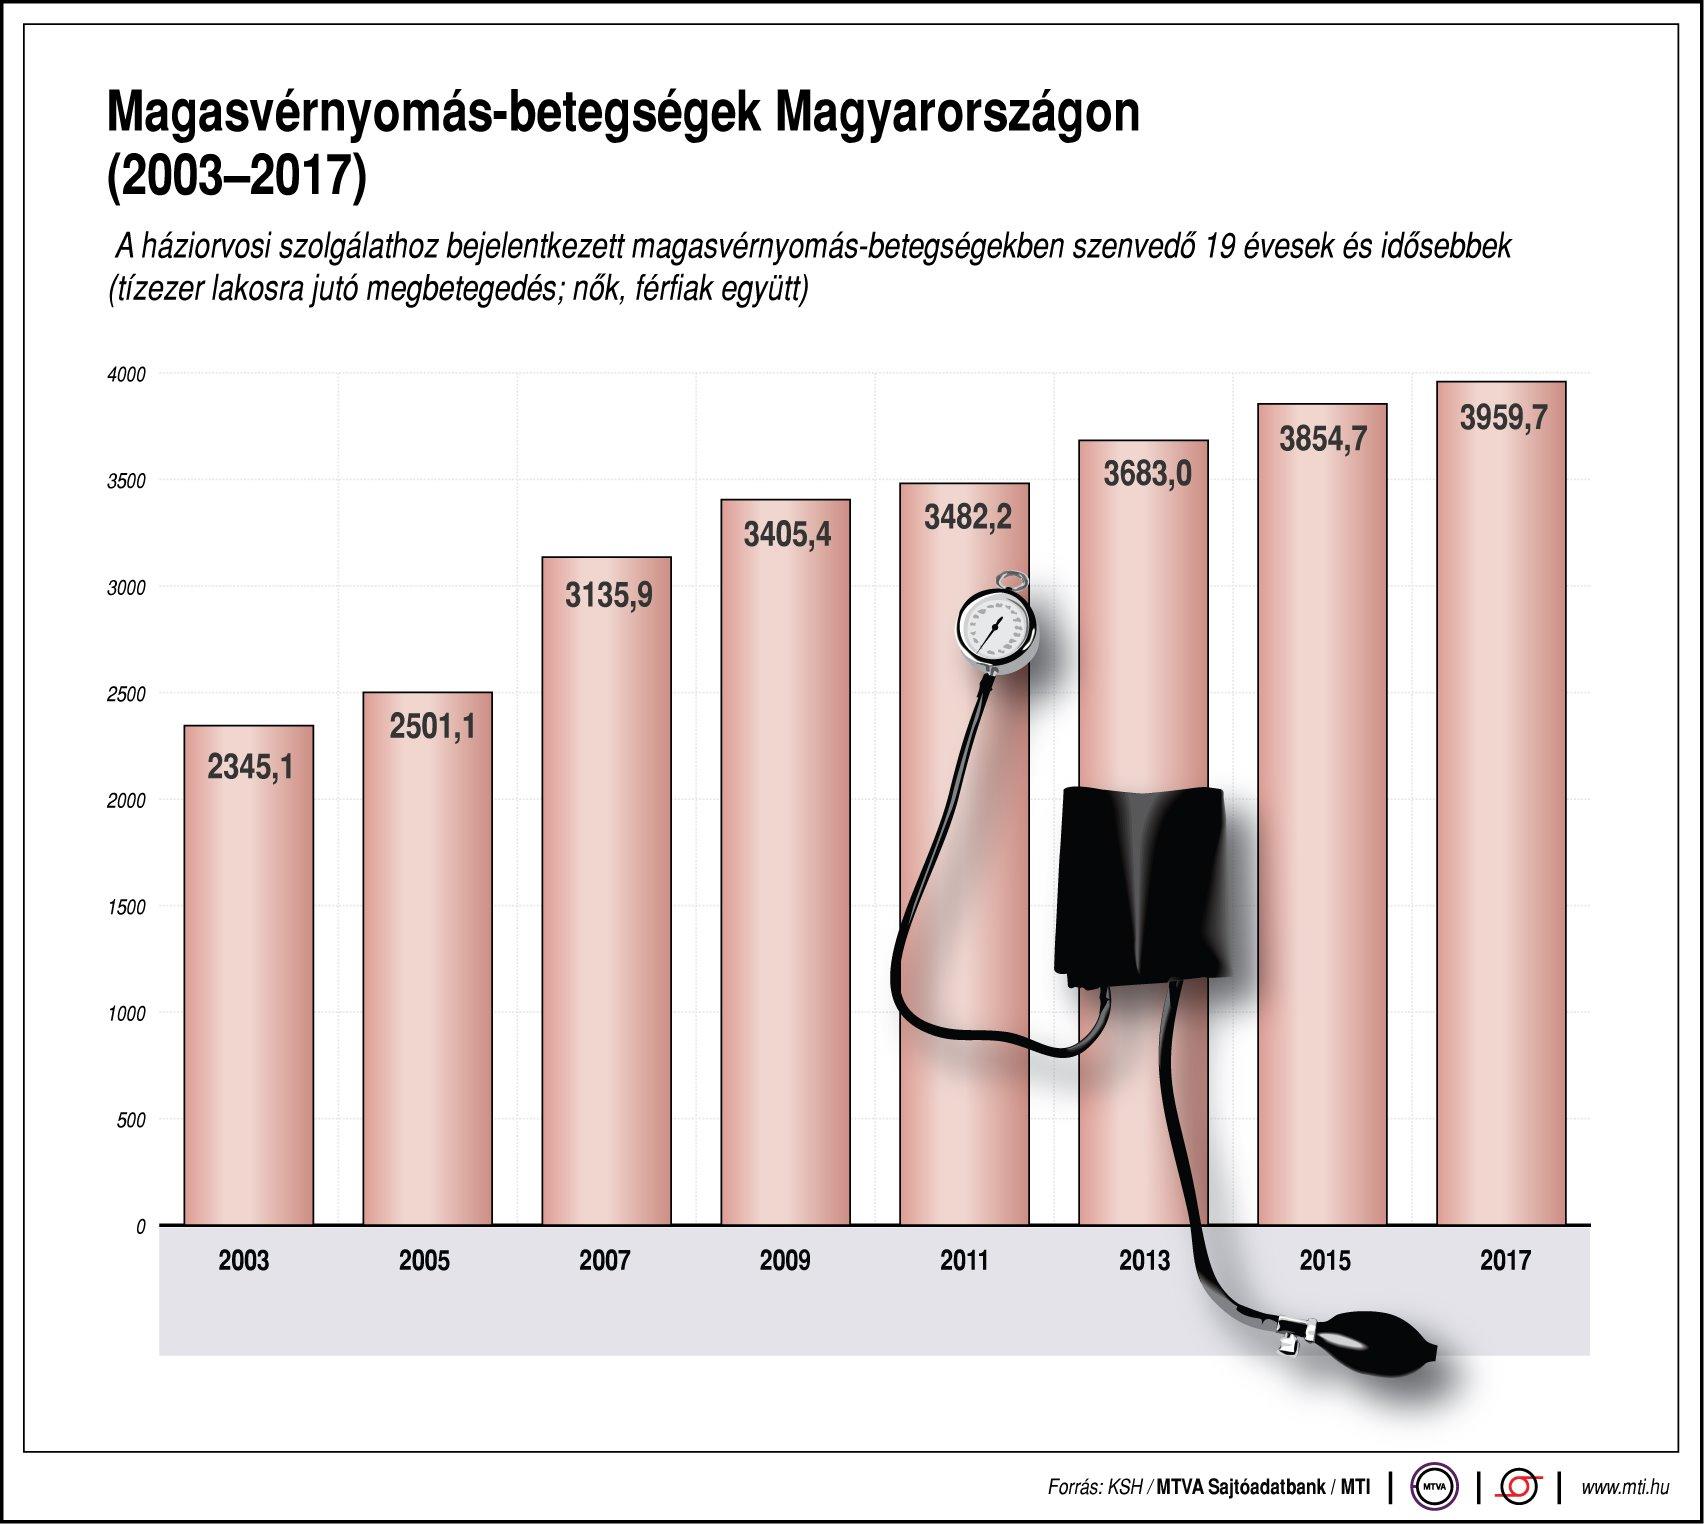 magas vérnyomás a napon mi a hipertónia területi indexe